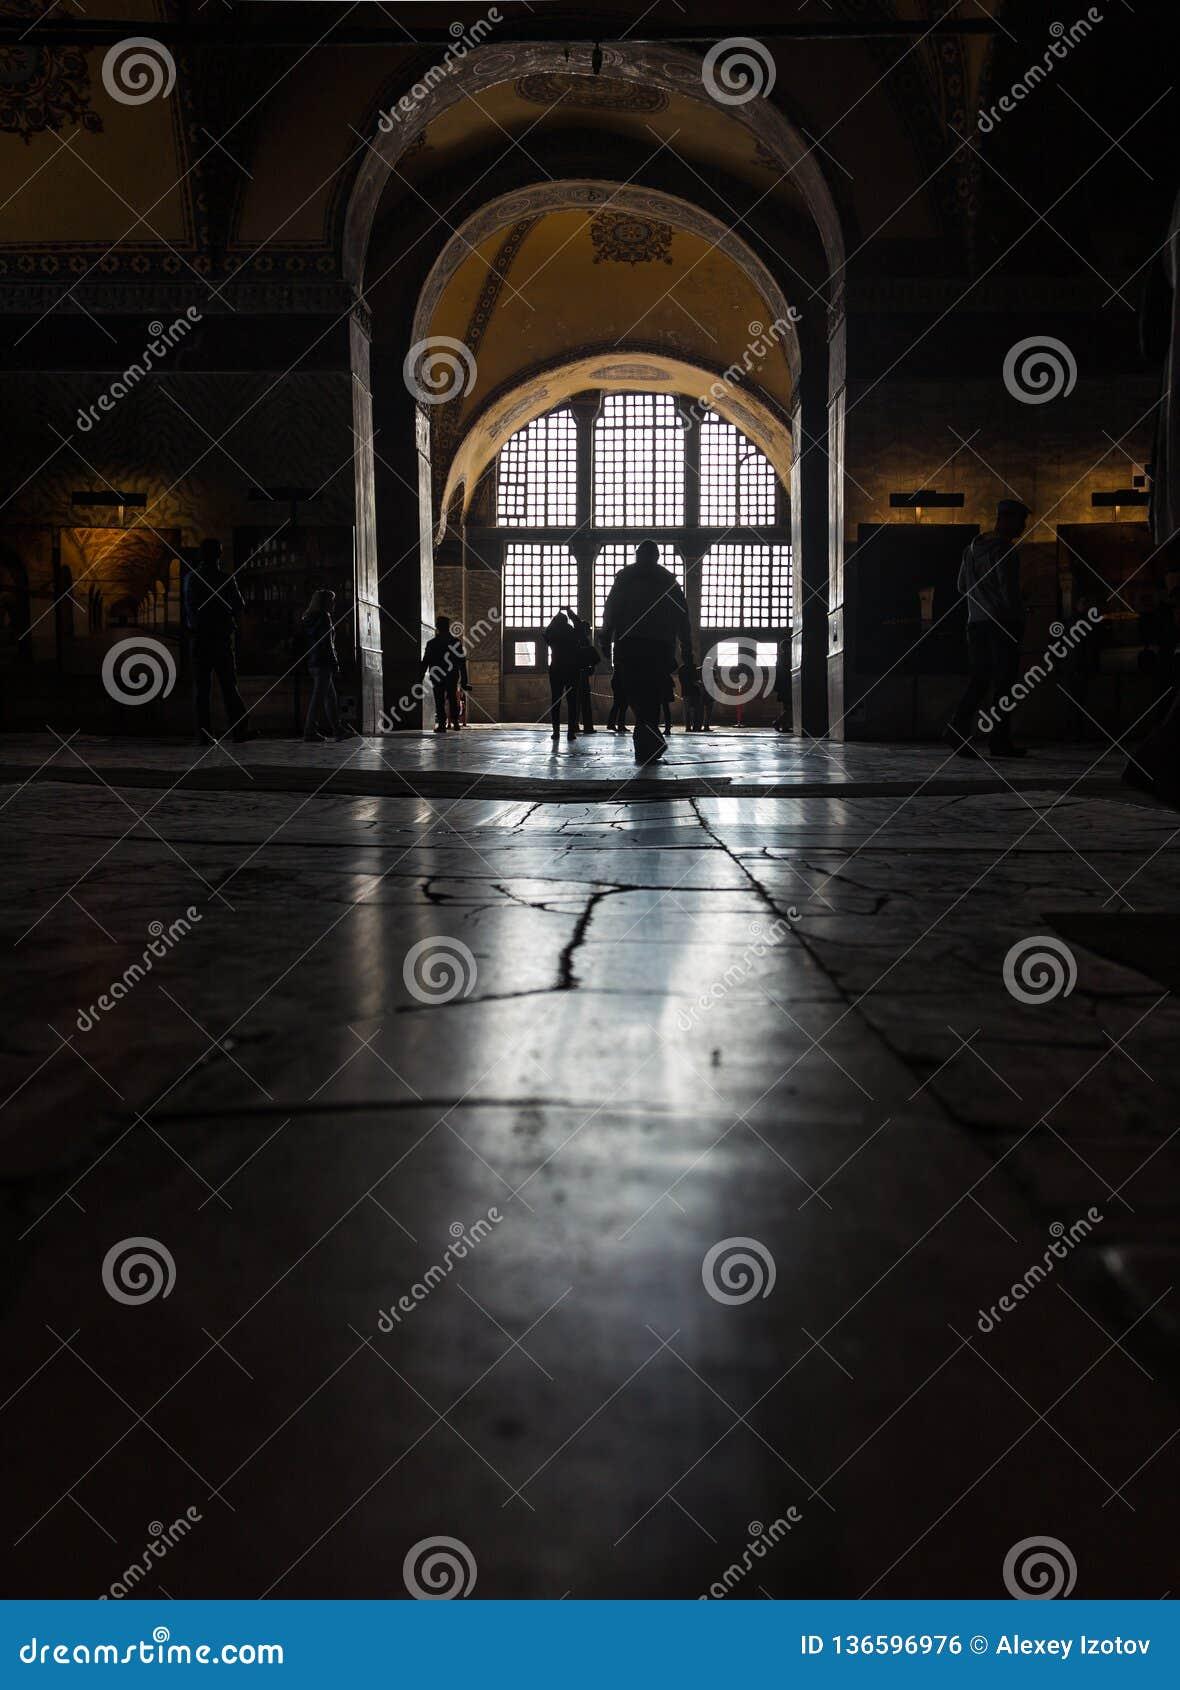 Reflexion des Lichtes vom Fenster des Bodens im Tempel von Aya Sofia in Istanbul, die Türkei